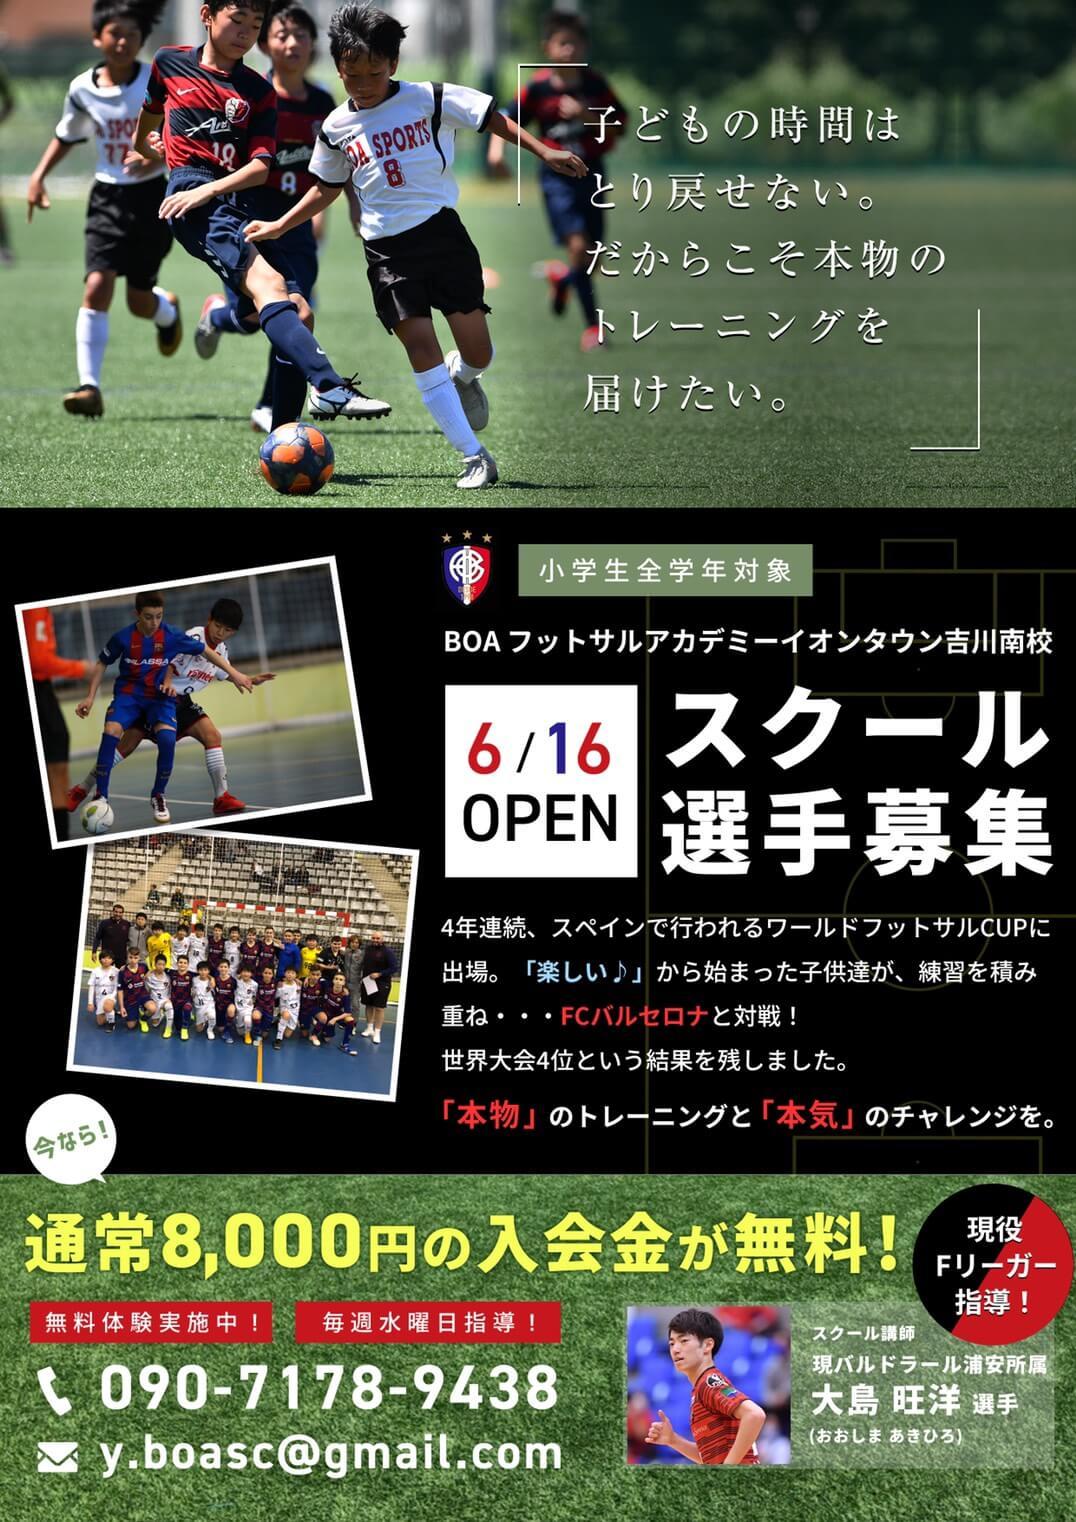 ボアスポーツサッカークラブ 中野区サッカー